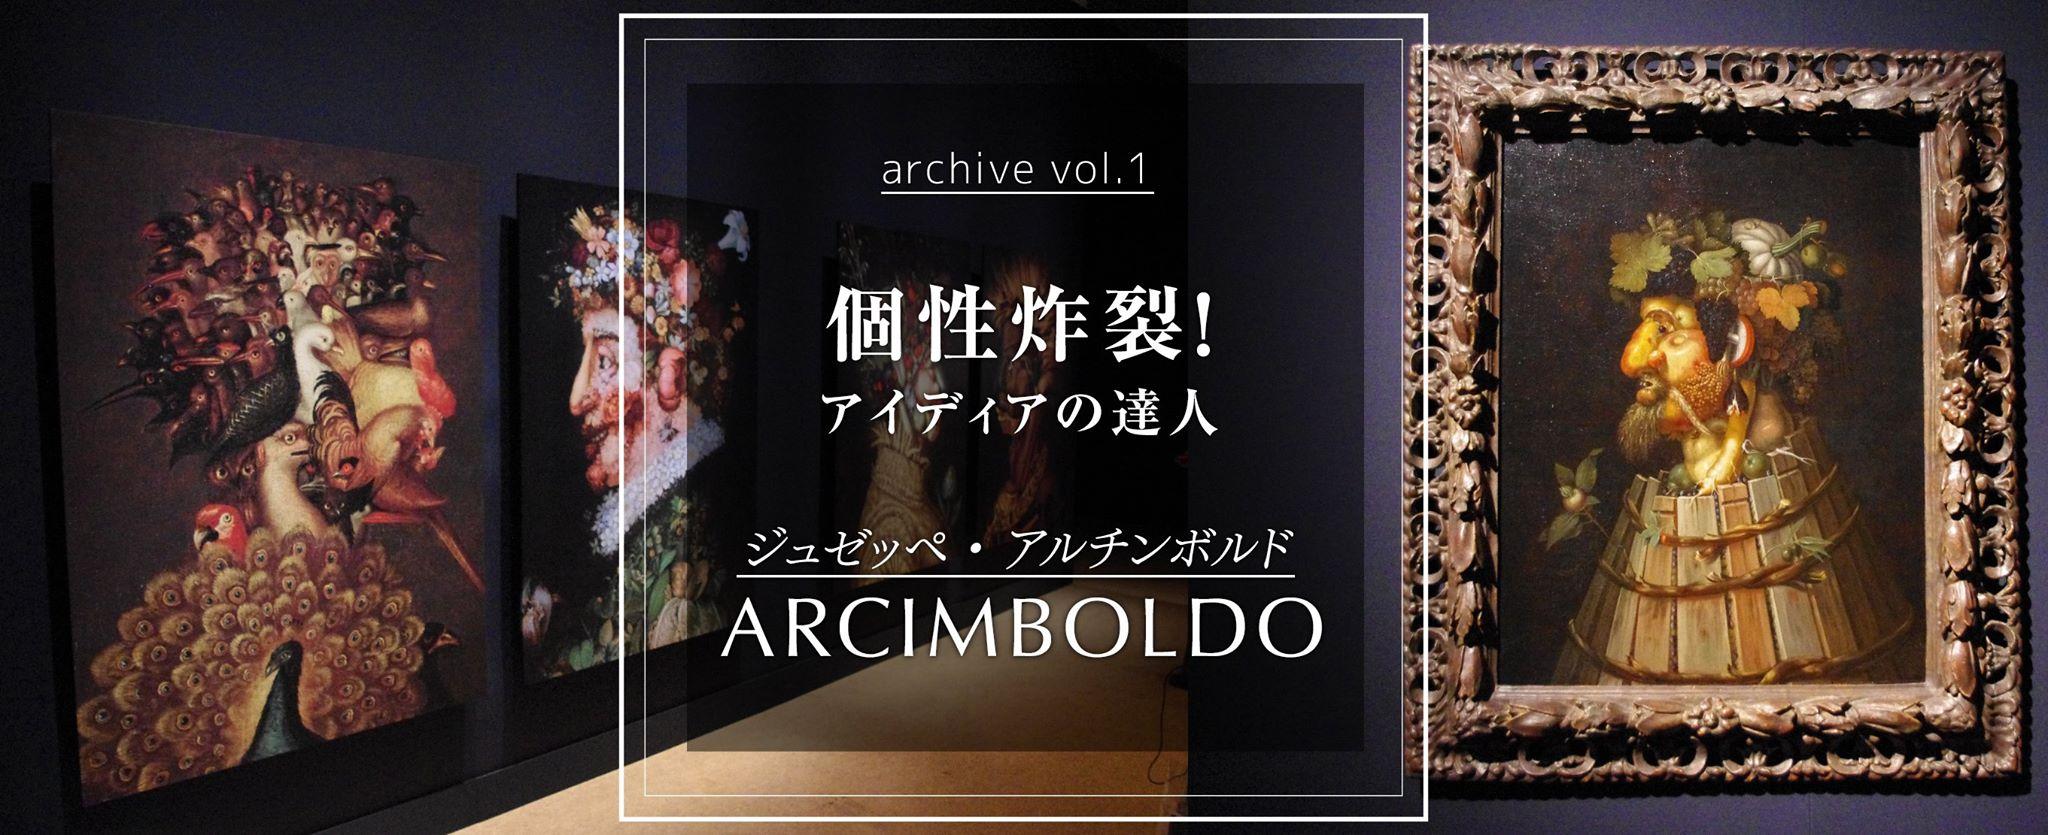 個性炸裂!アイディアの達人・アルチンボルド~Archive vol.1~